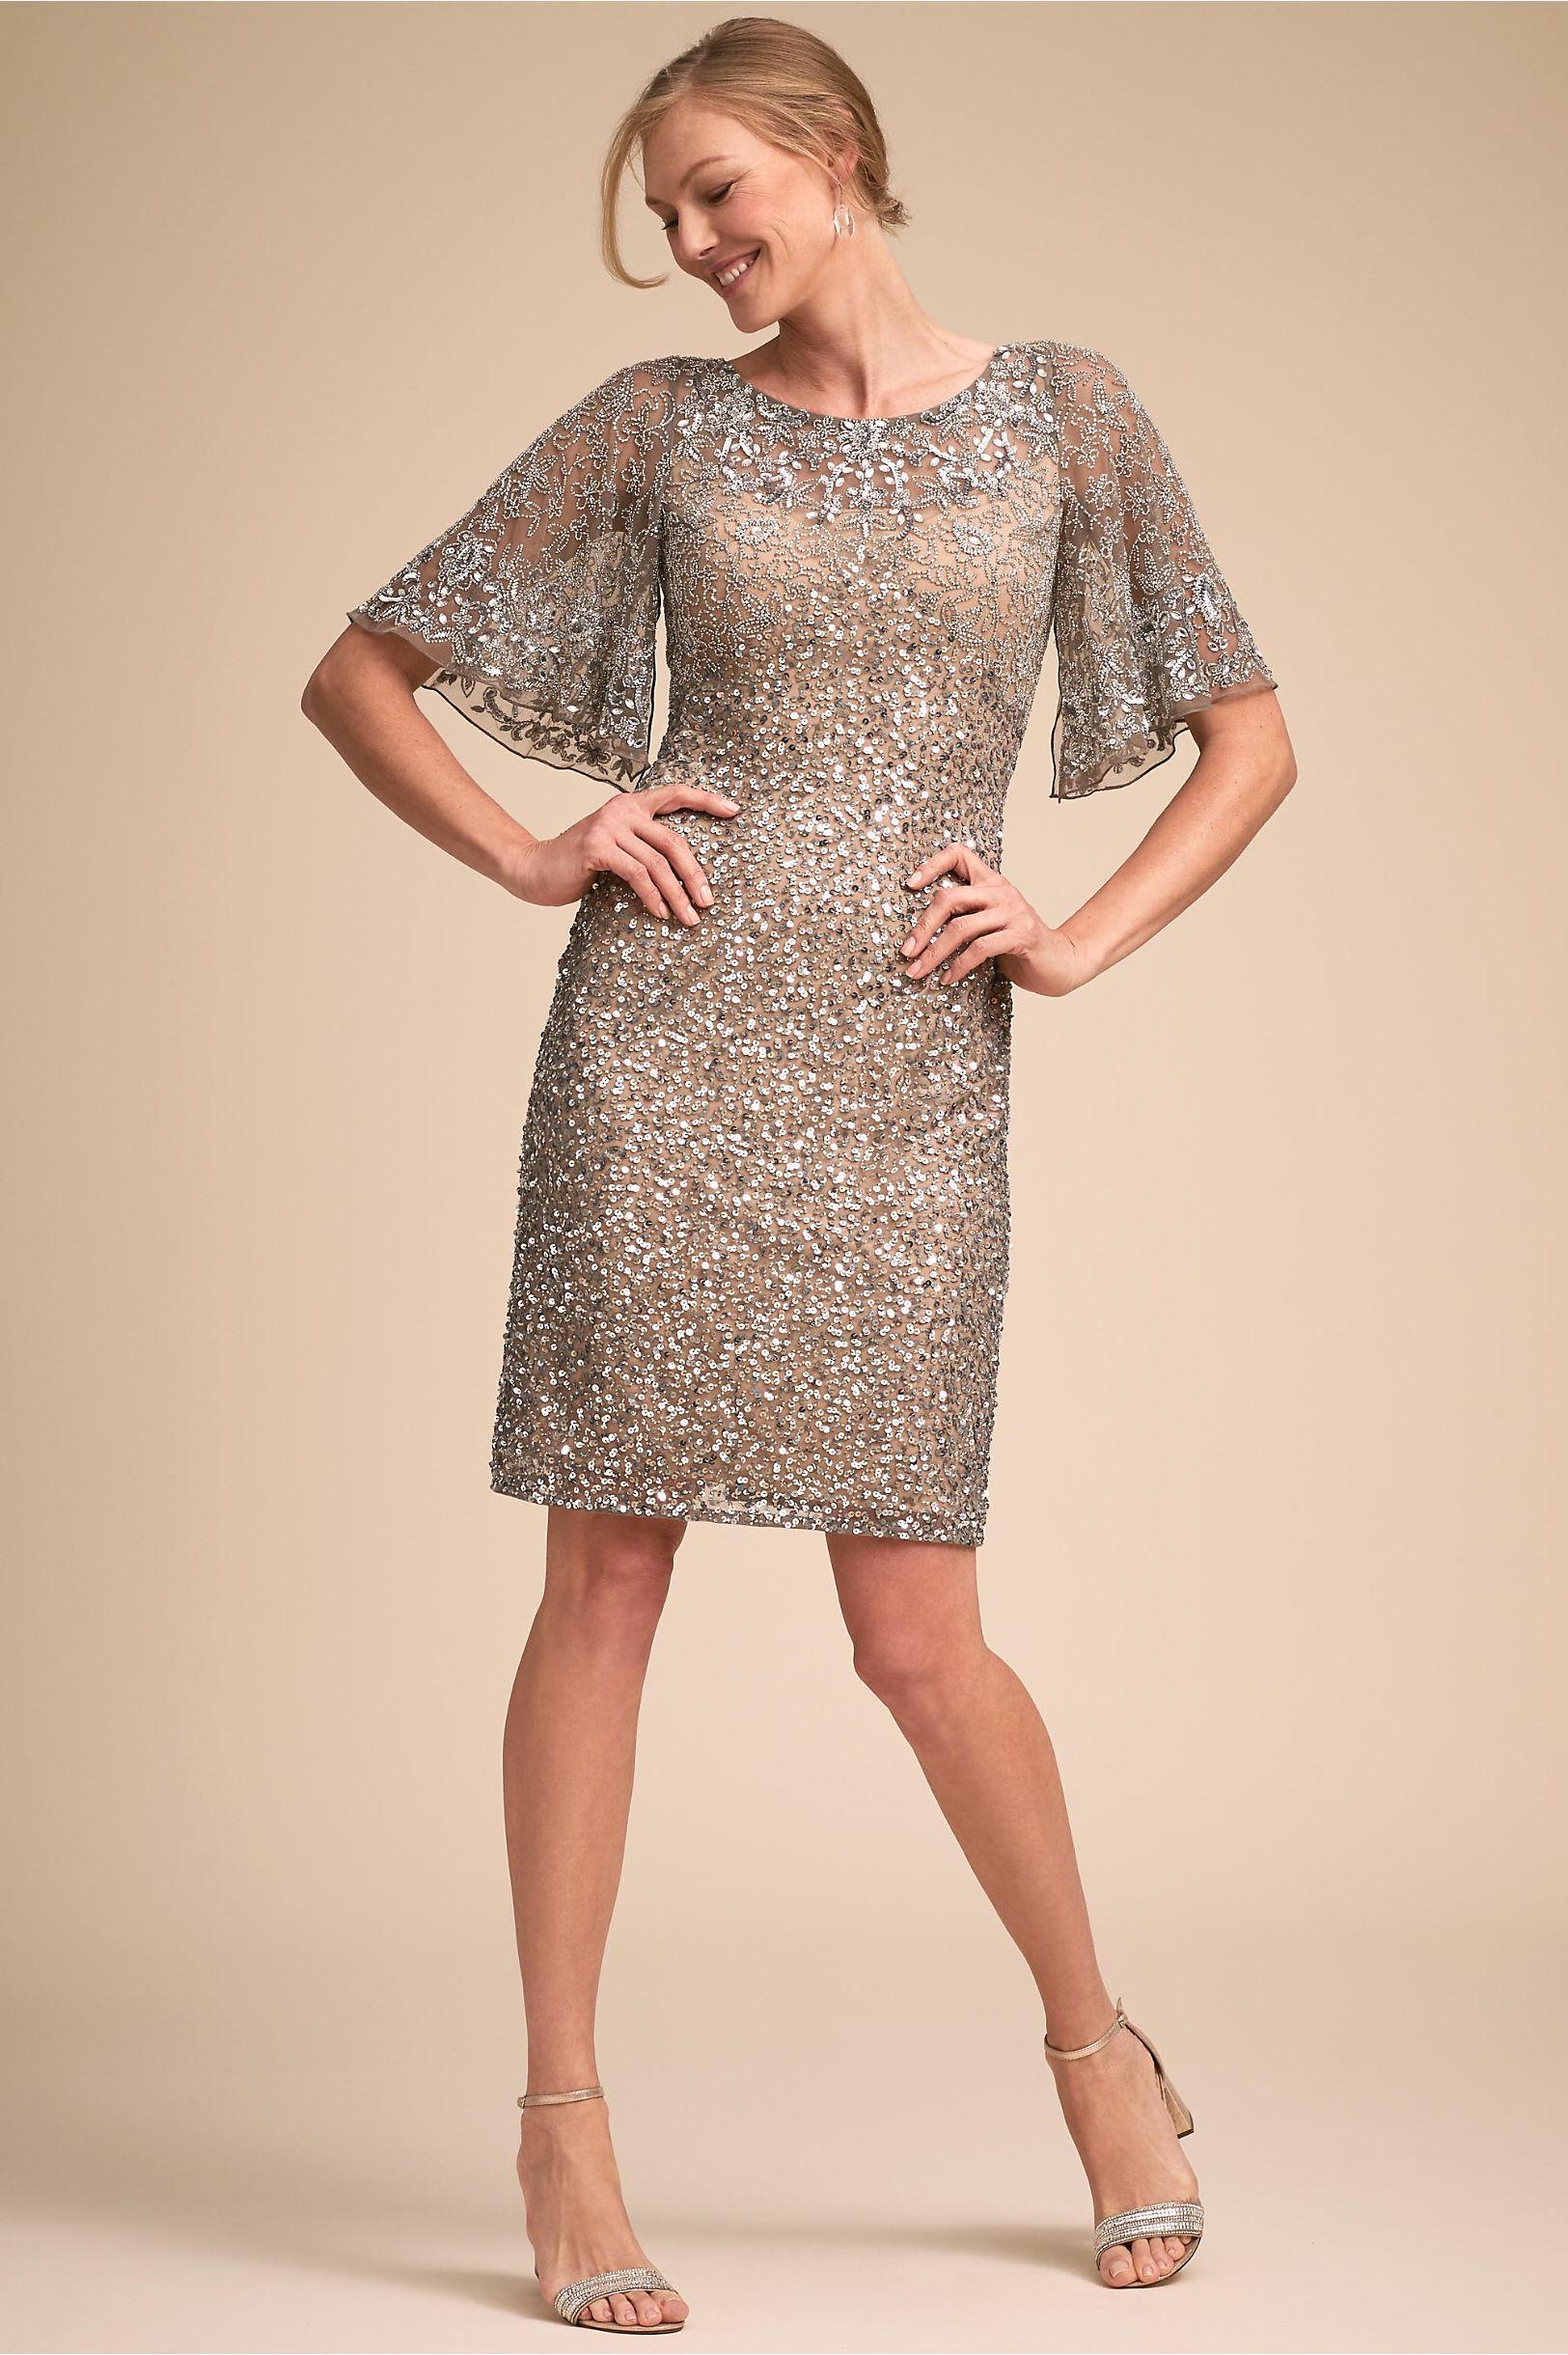 Short Formal Dresses for Weddings | BHLDN